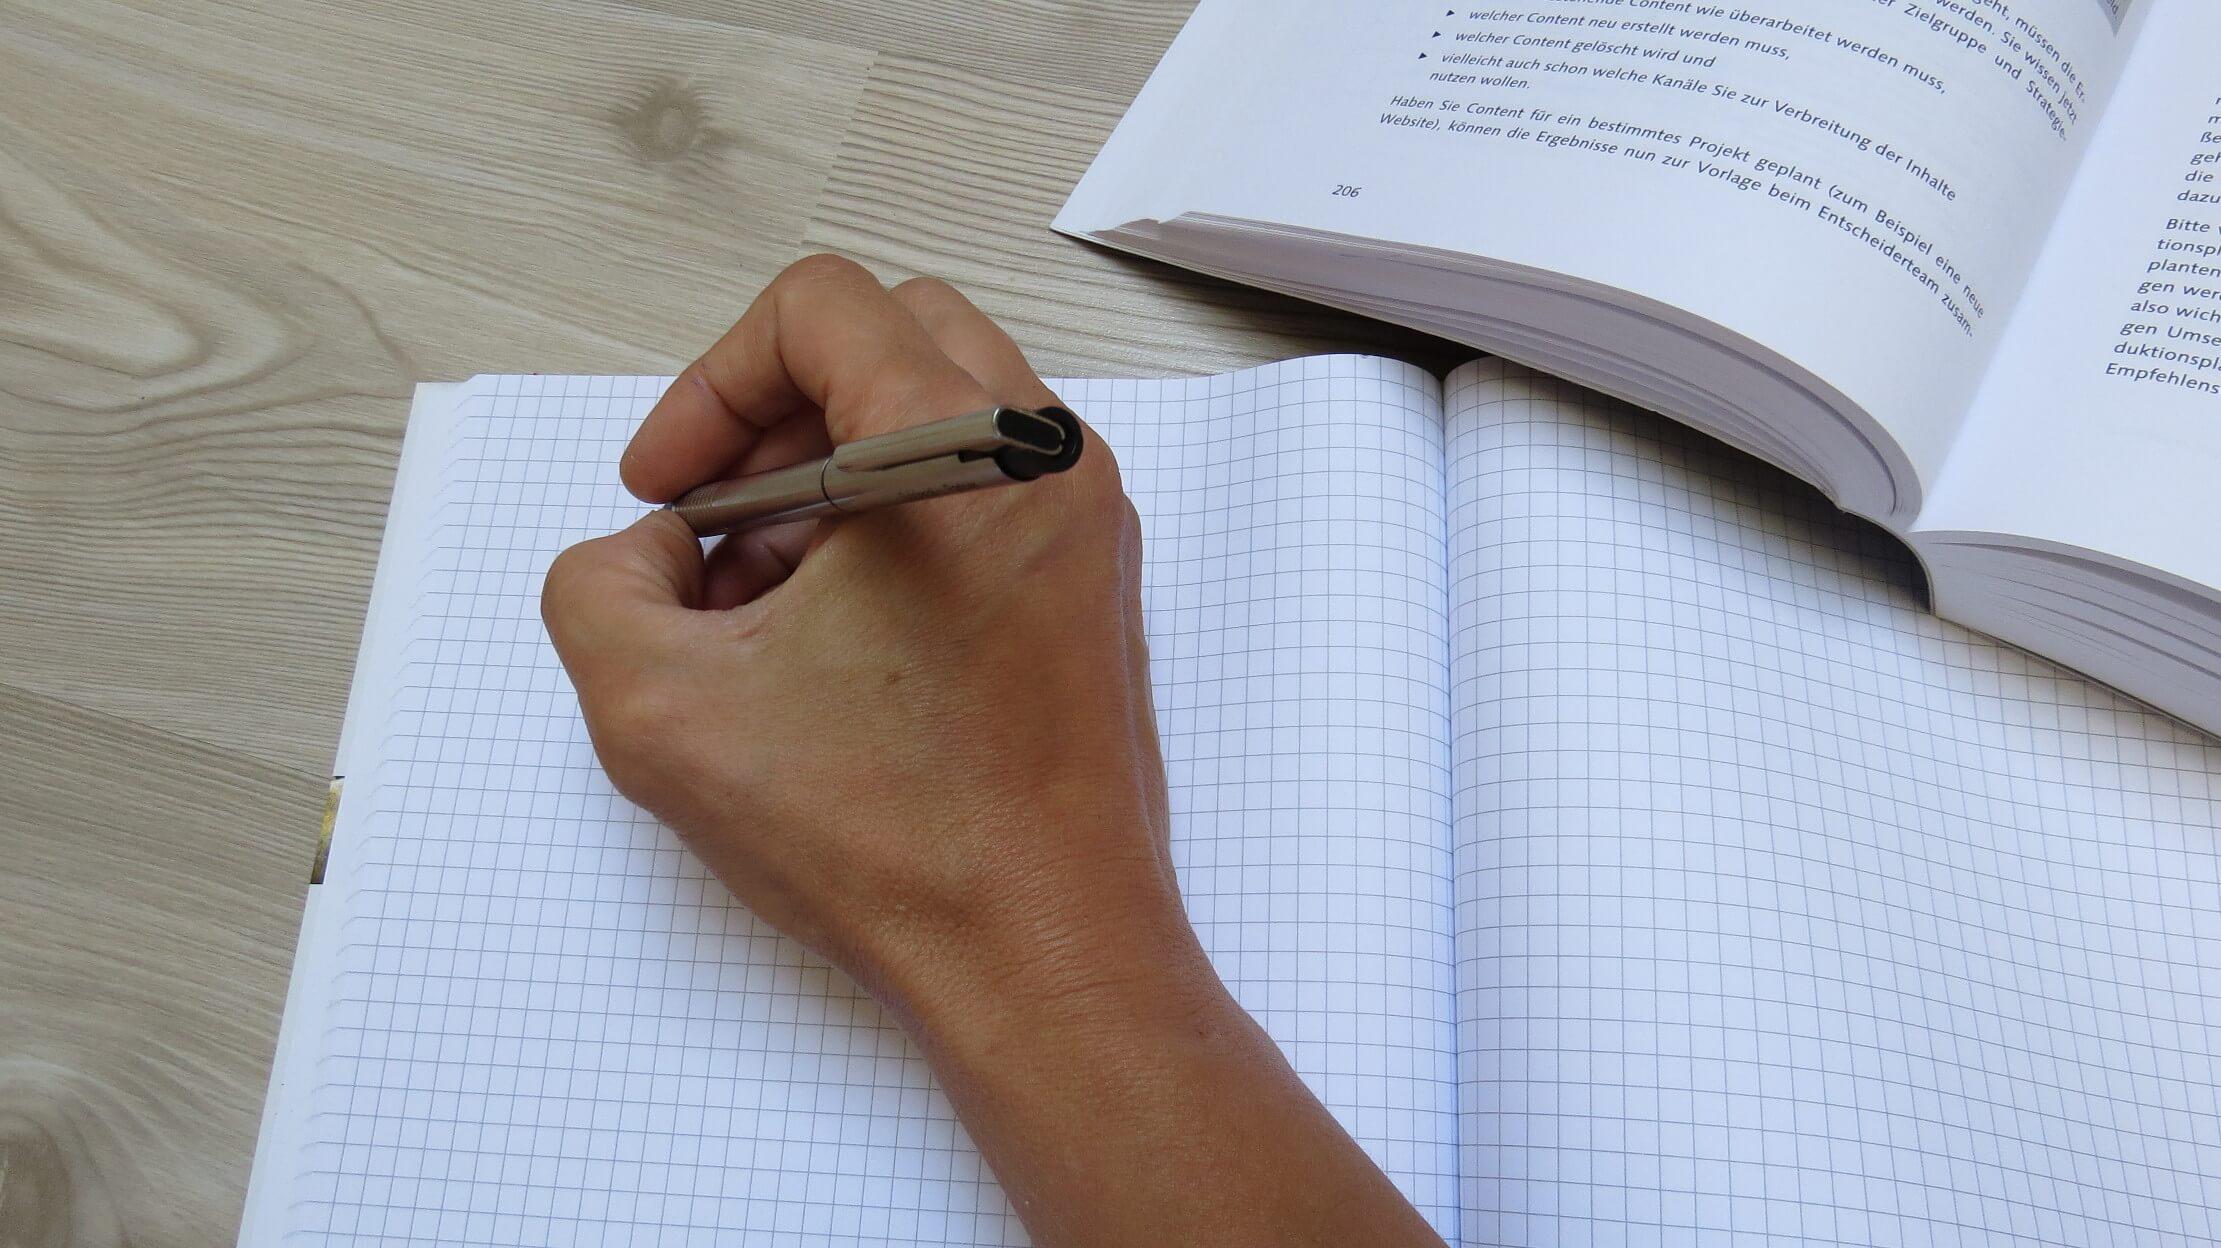 Probetexte schreiben oder nicht?